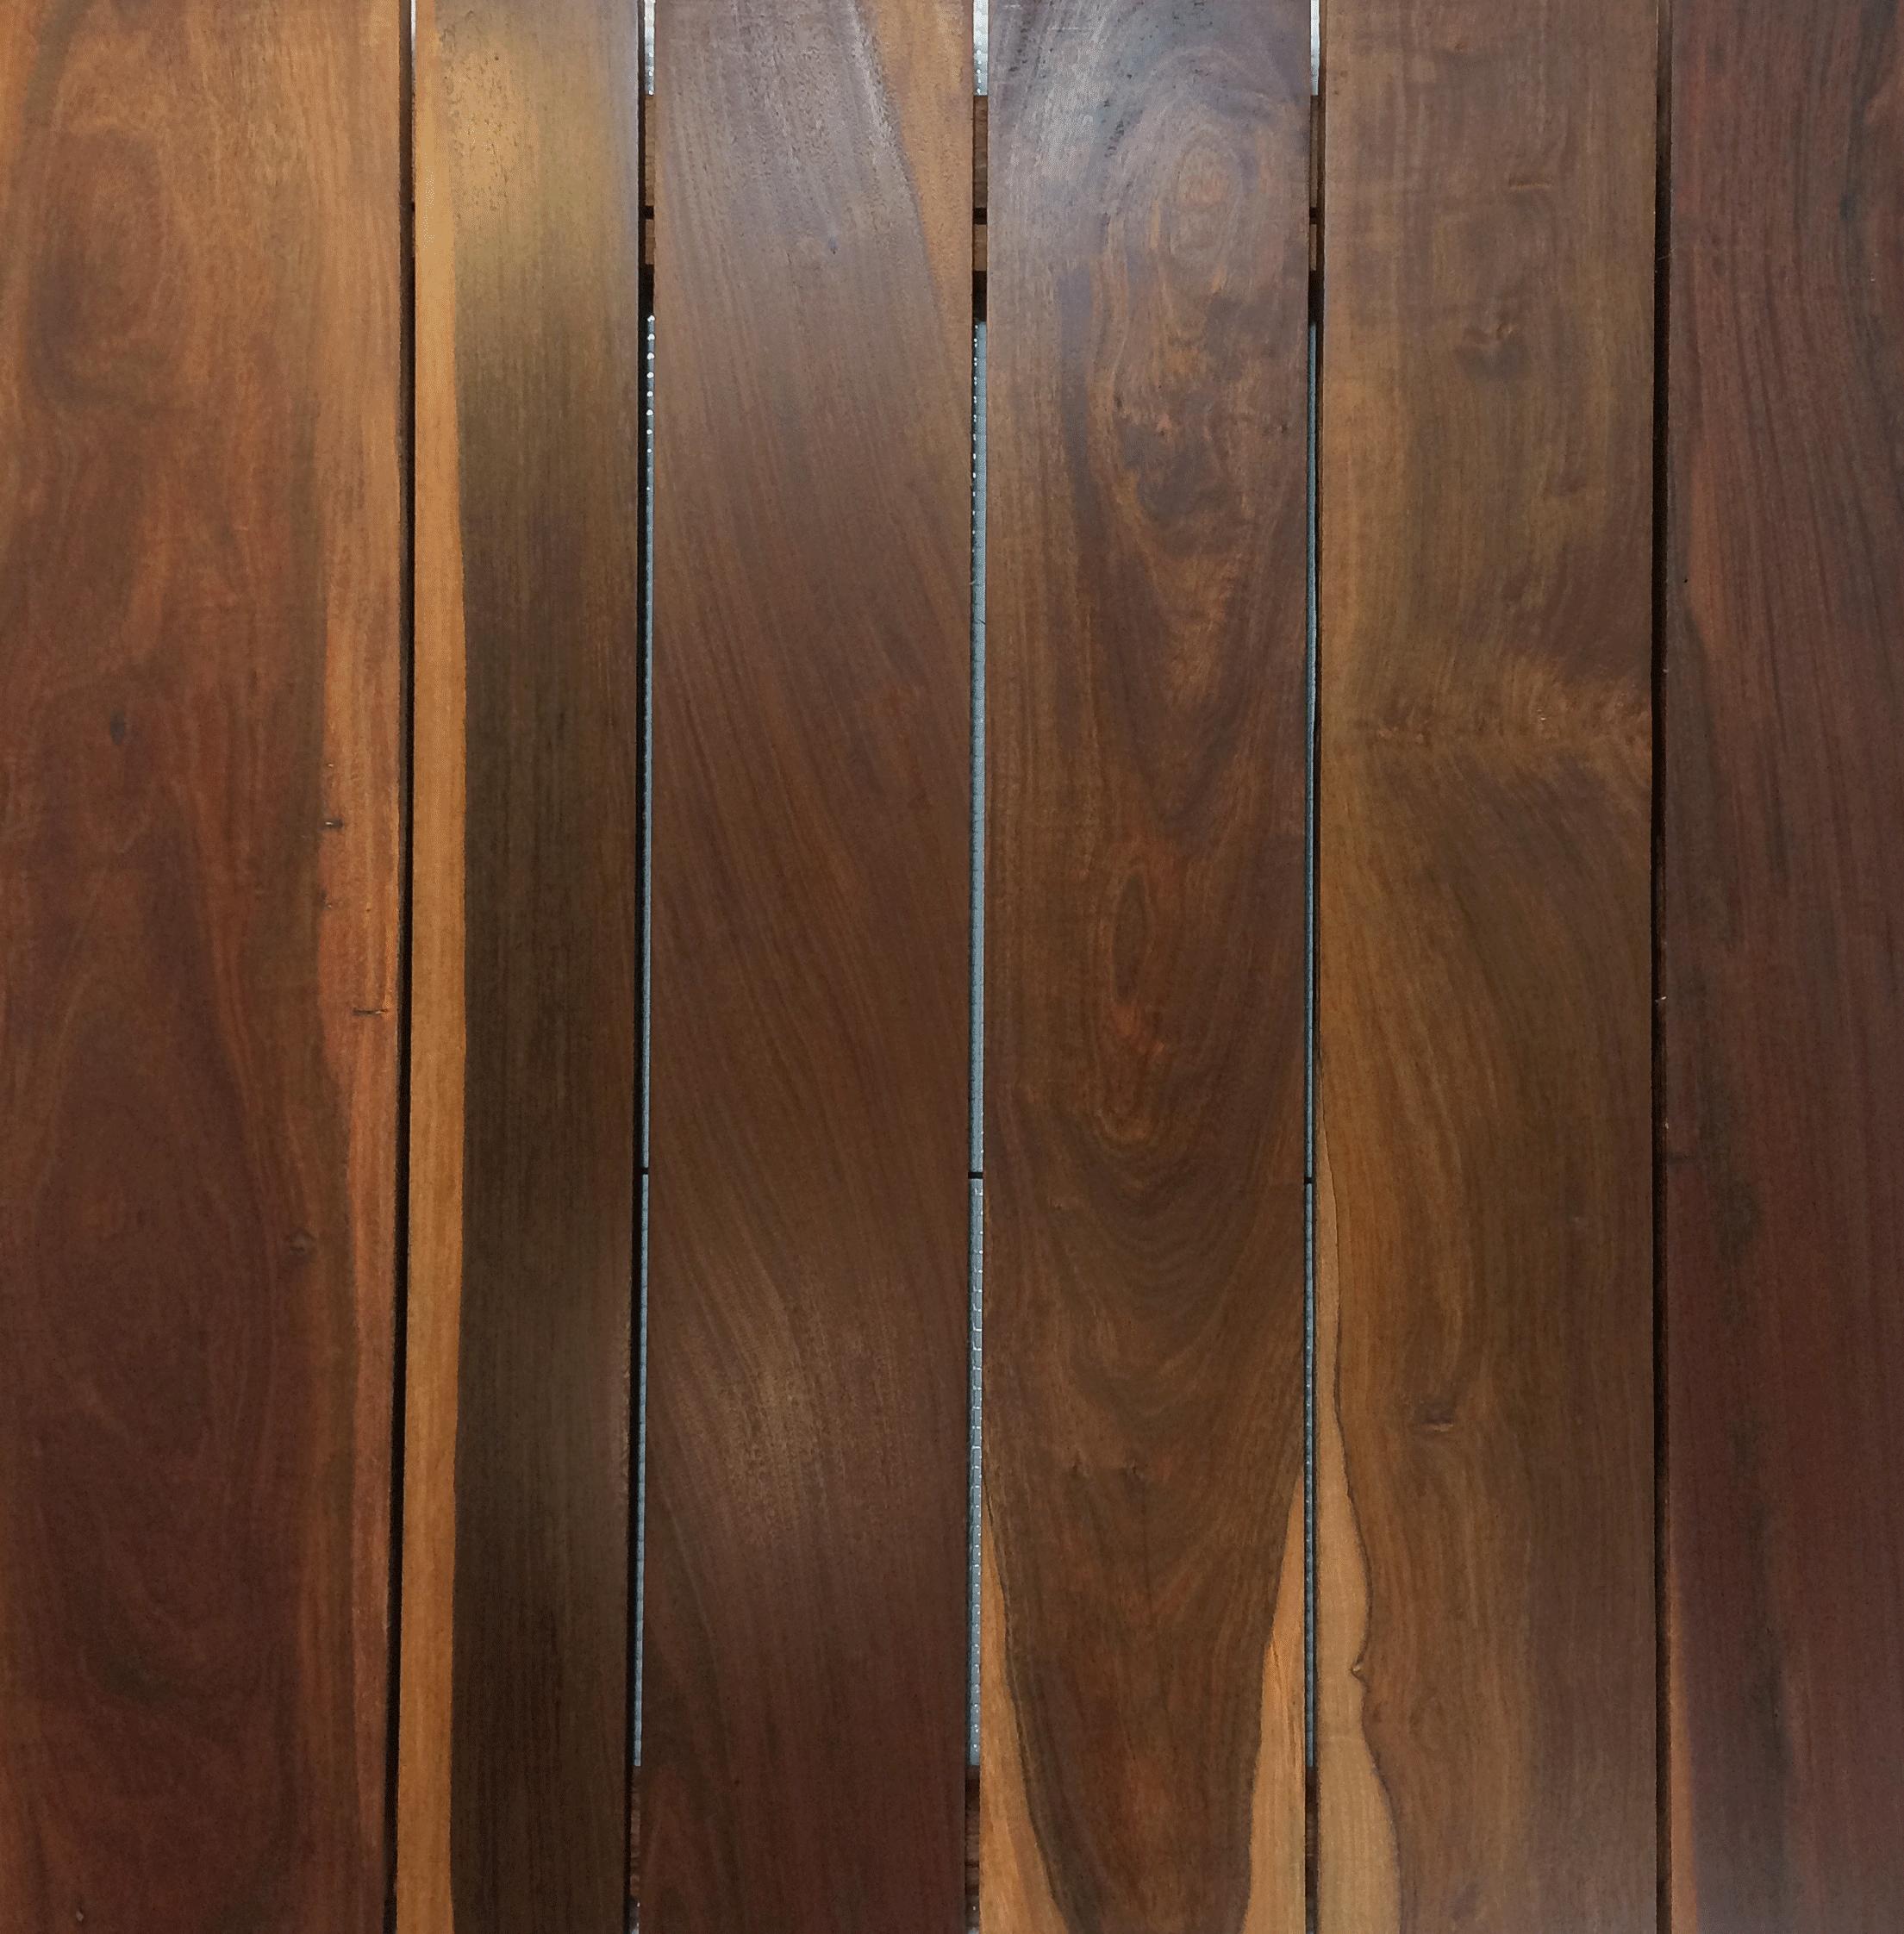 Lumber Bundles